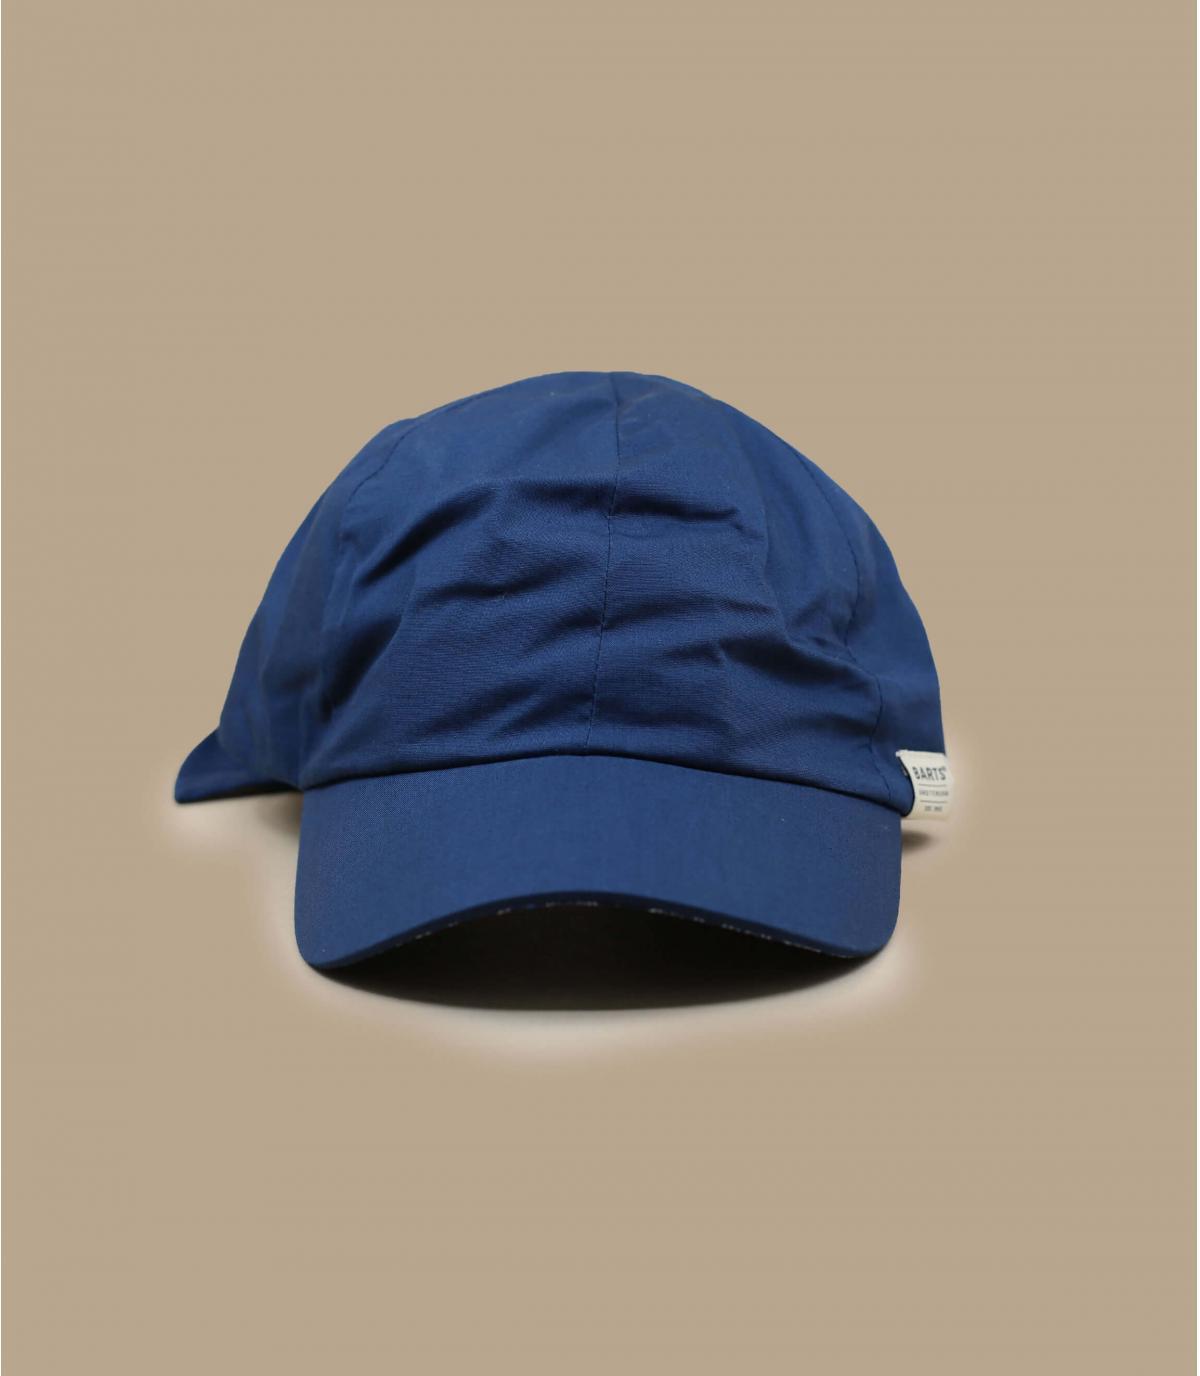 cappellino donna blu marino